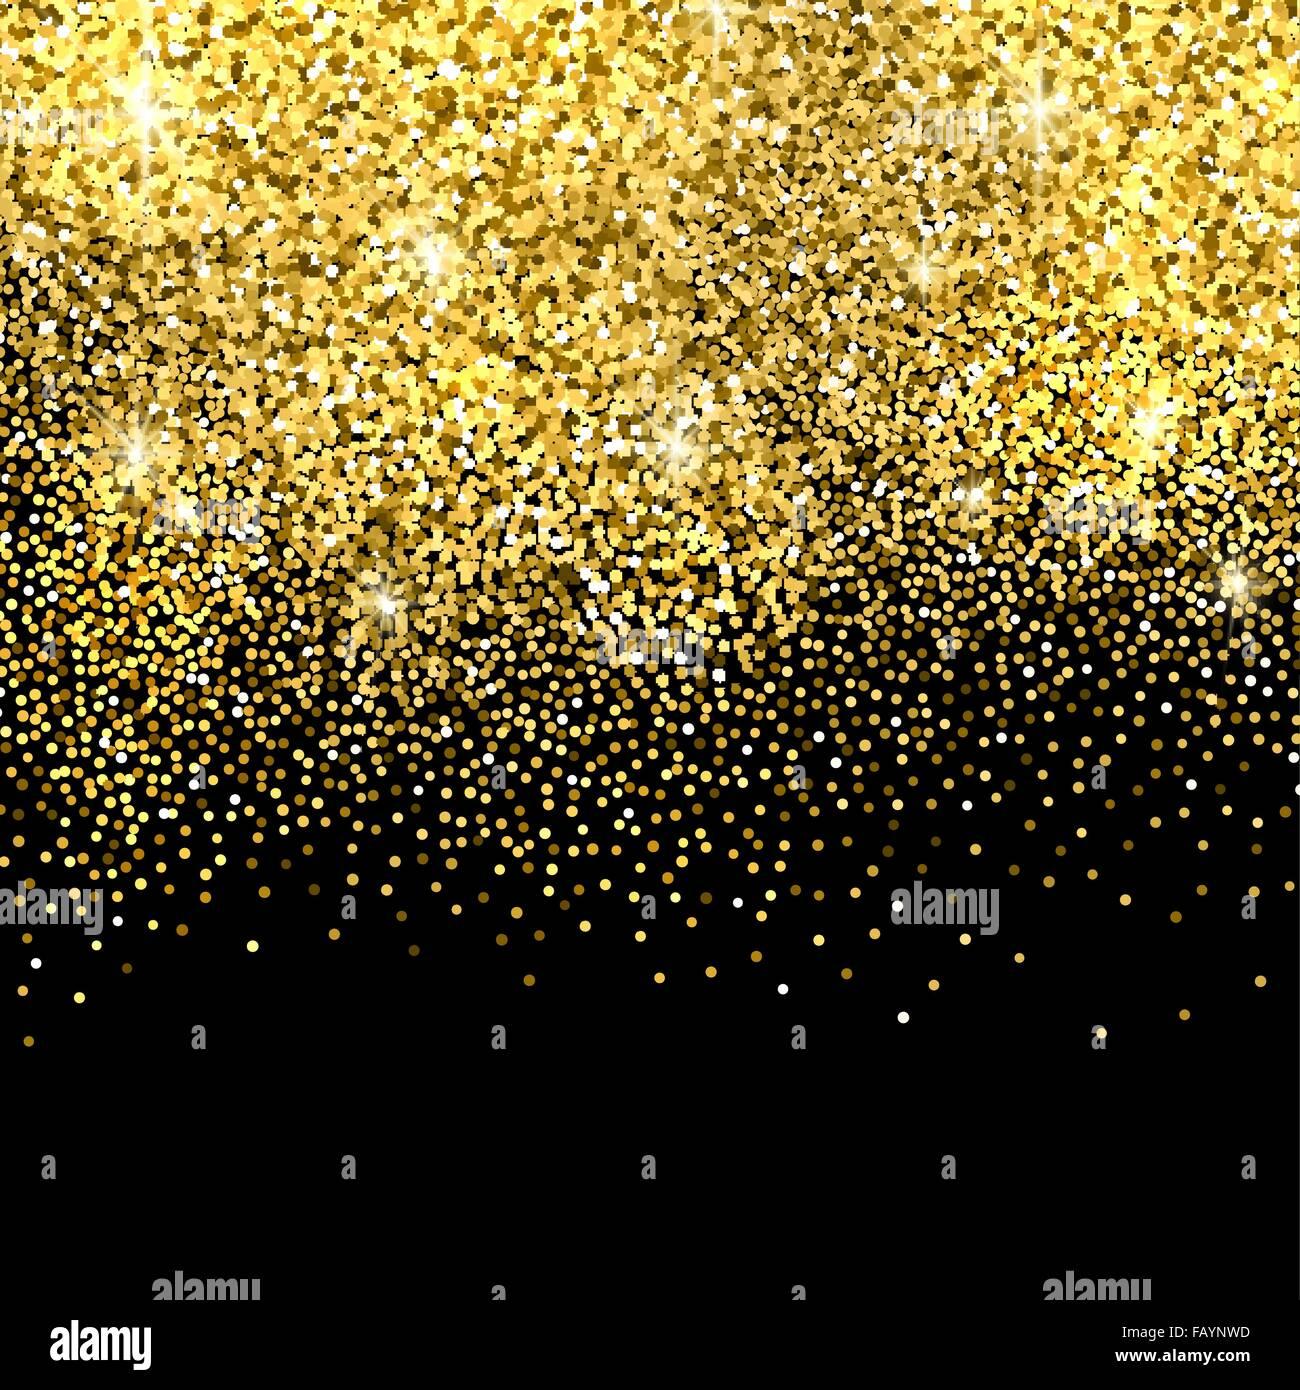 Falling Stars Grunge Wallpaper Gold Glitter Background Stock Vector Art Amp Illustration